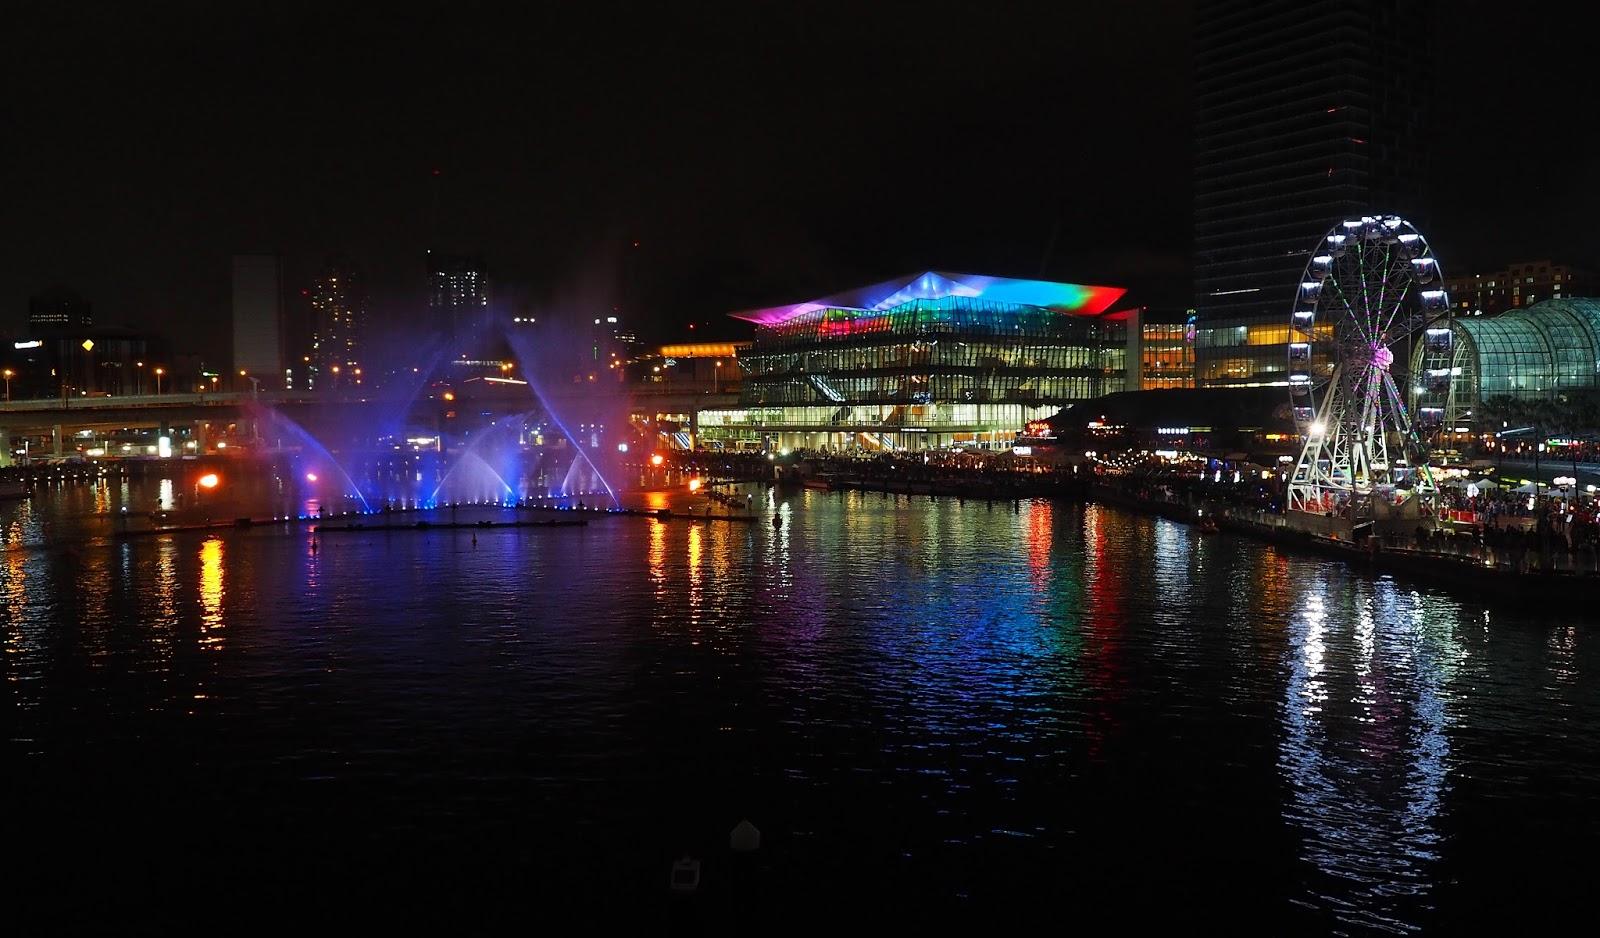 Vivid Sydney Darling Harbour